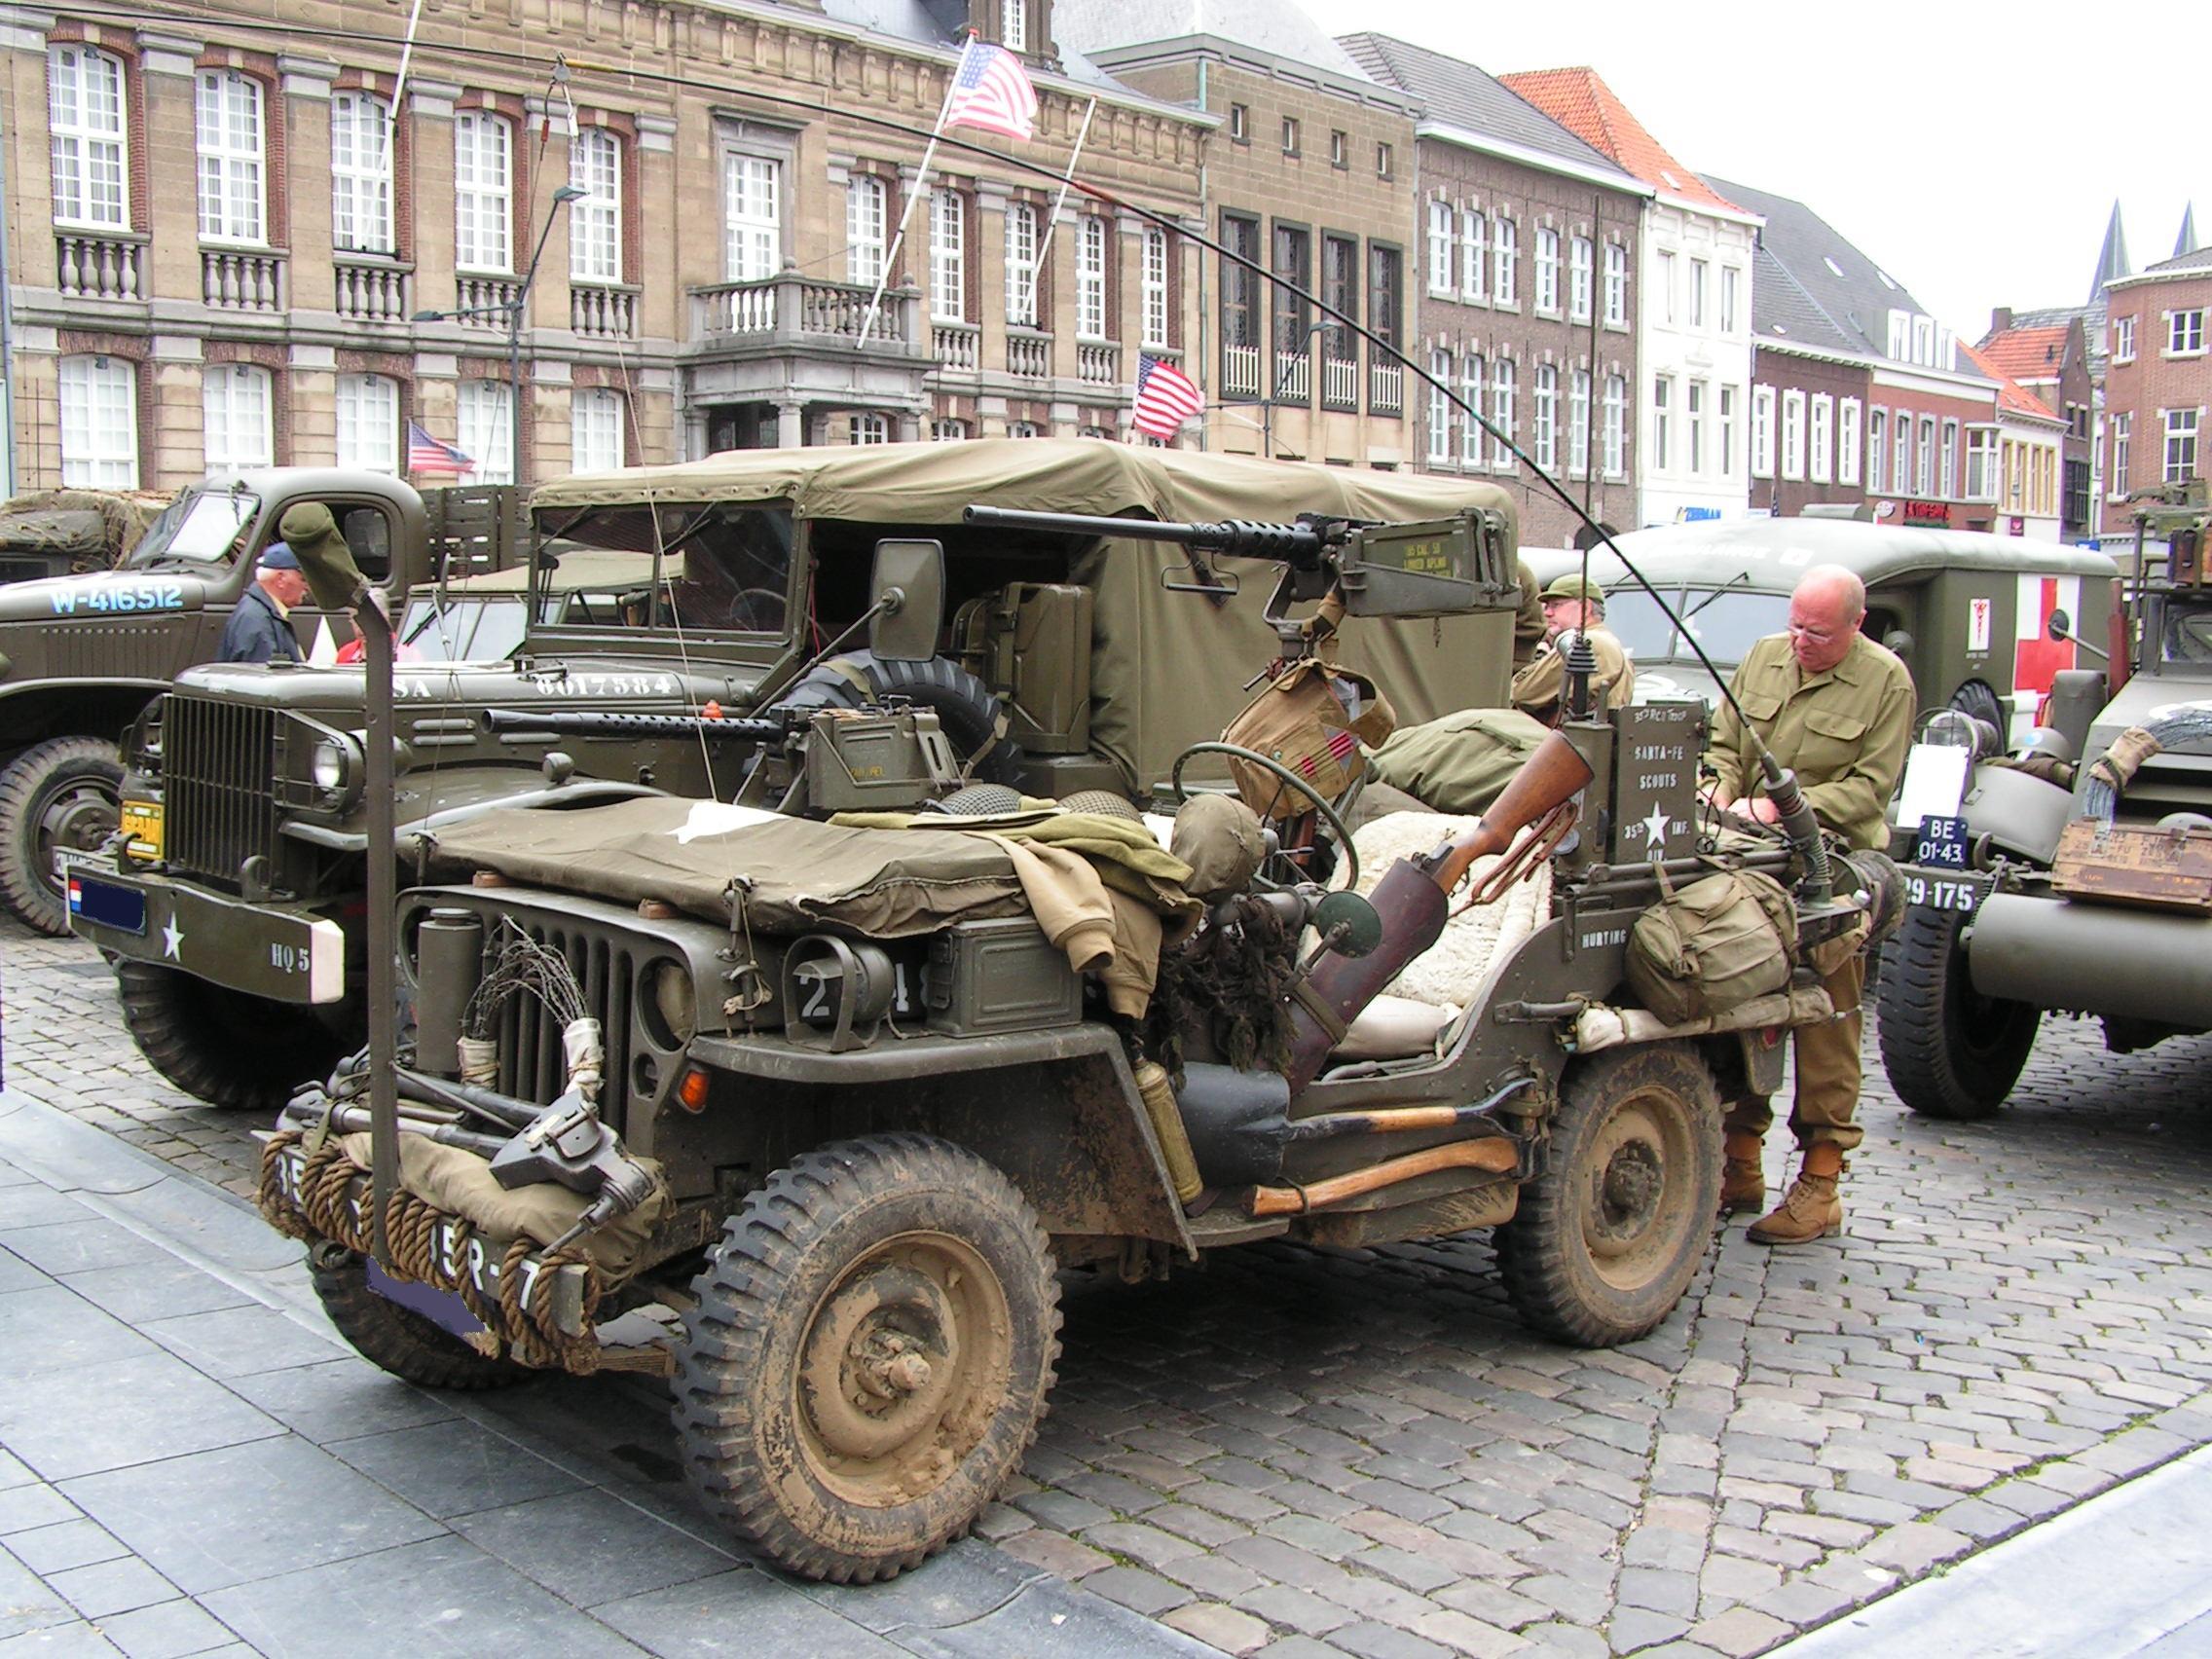 Willys mb (виллис) — американский армейский автомобиль повышенной проходимости. «виллис» выпускал этот джип до последних дней своего существования. Выпущено 101488 экземпляра. Параллельно в 1955—1982 гг.